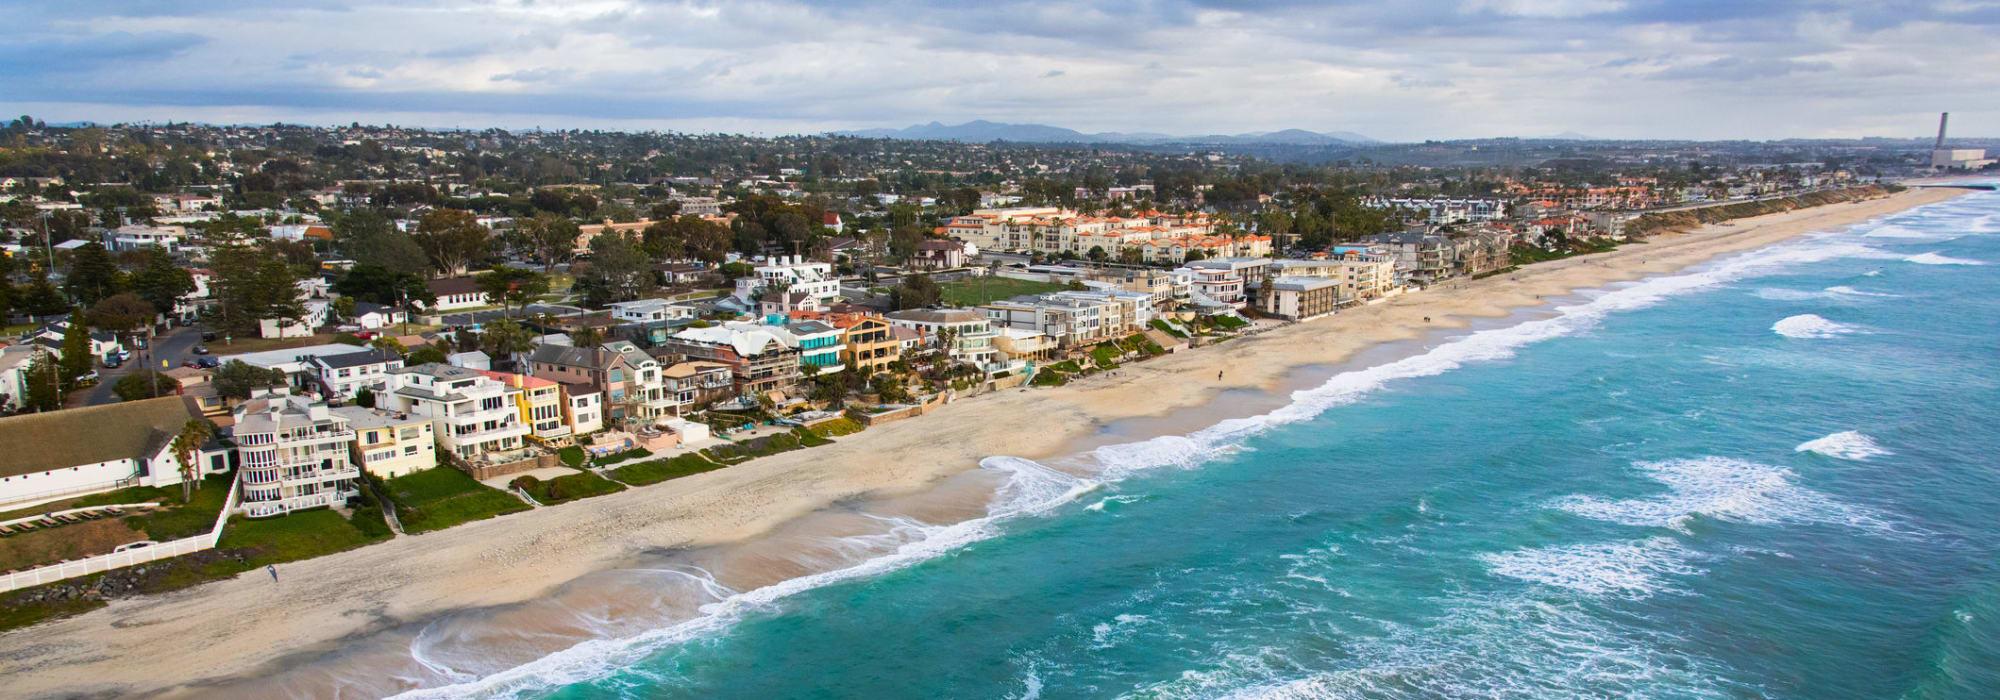 A beach near Smart Self Storage of Solana Beach in Solana Beach, California